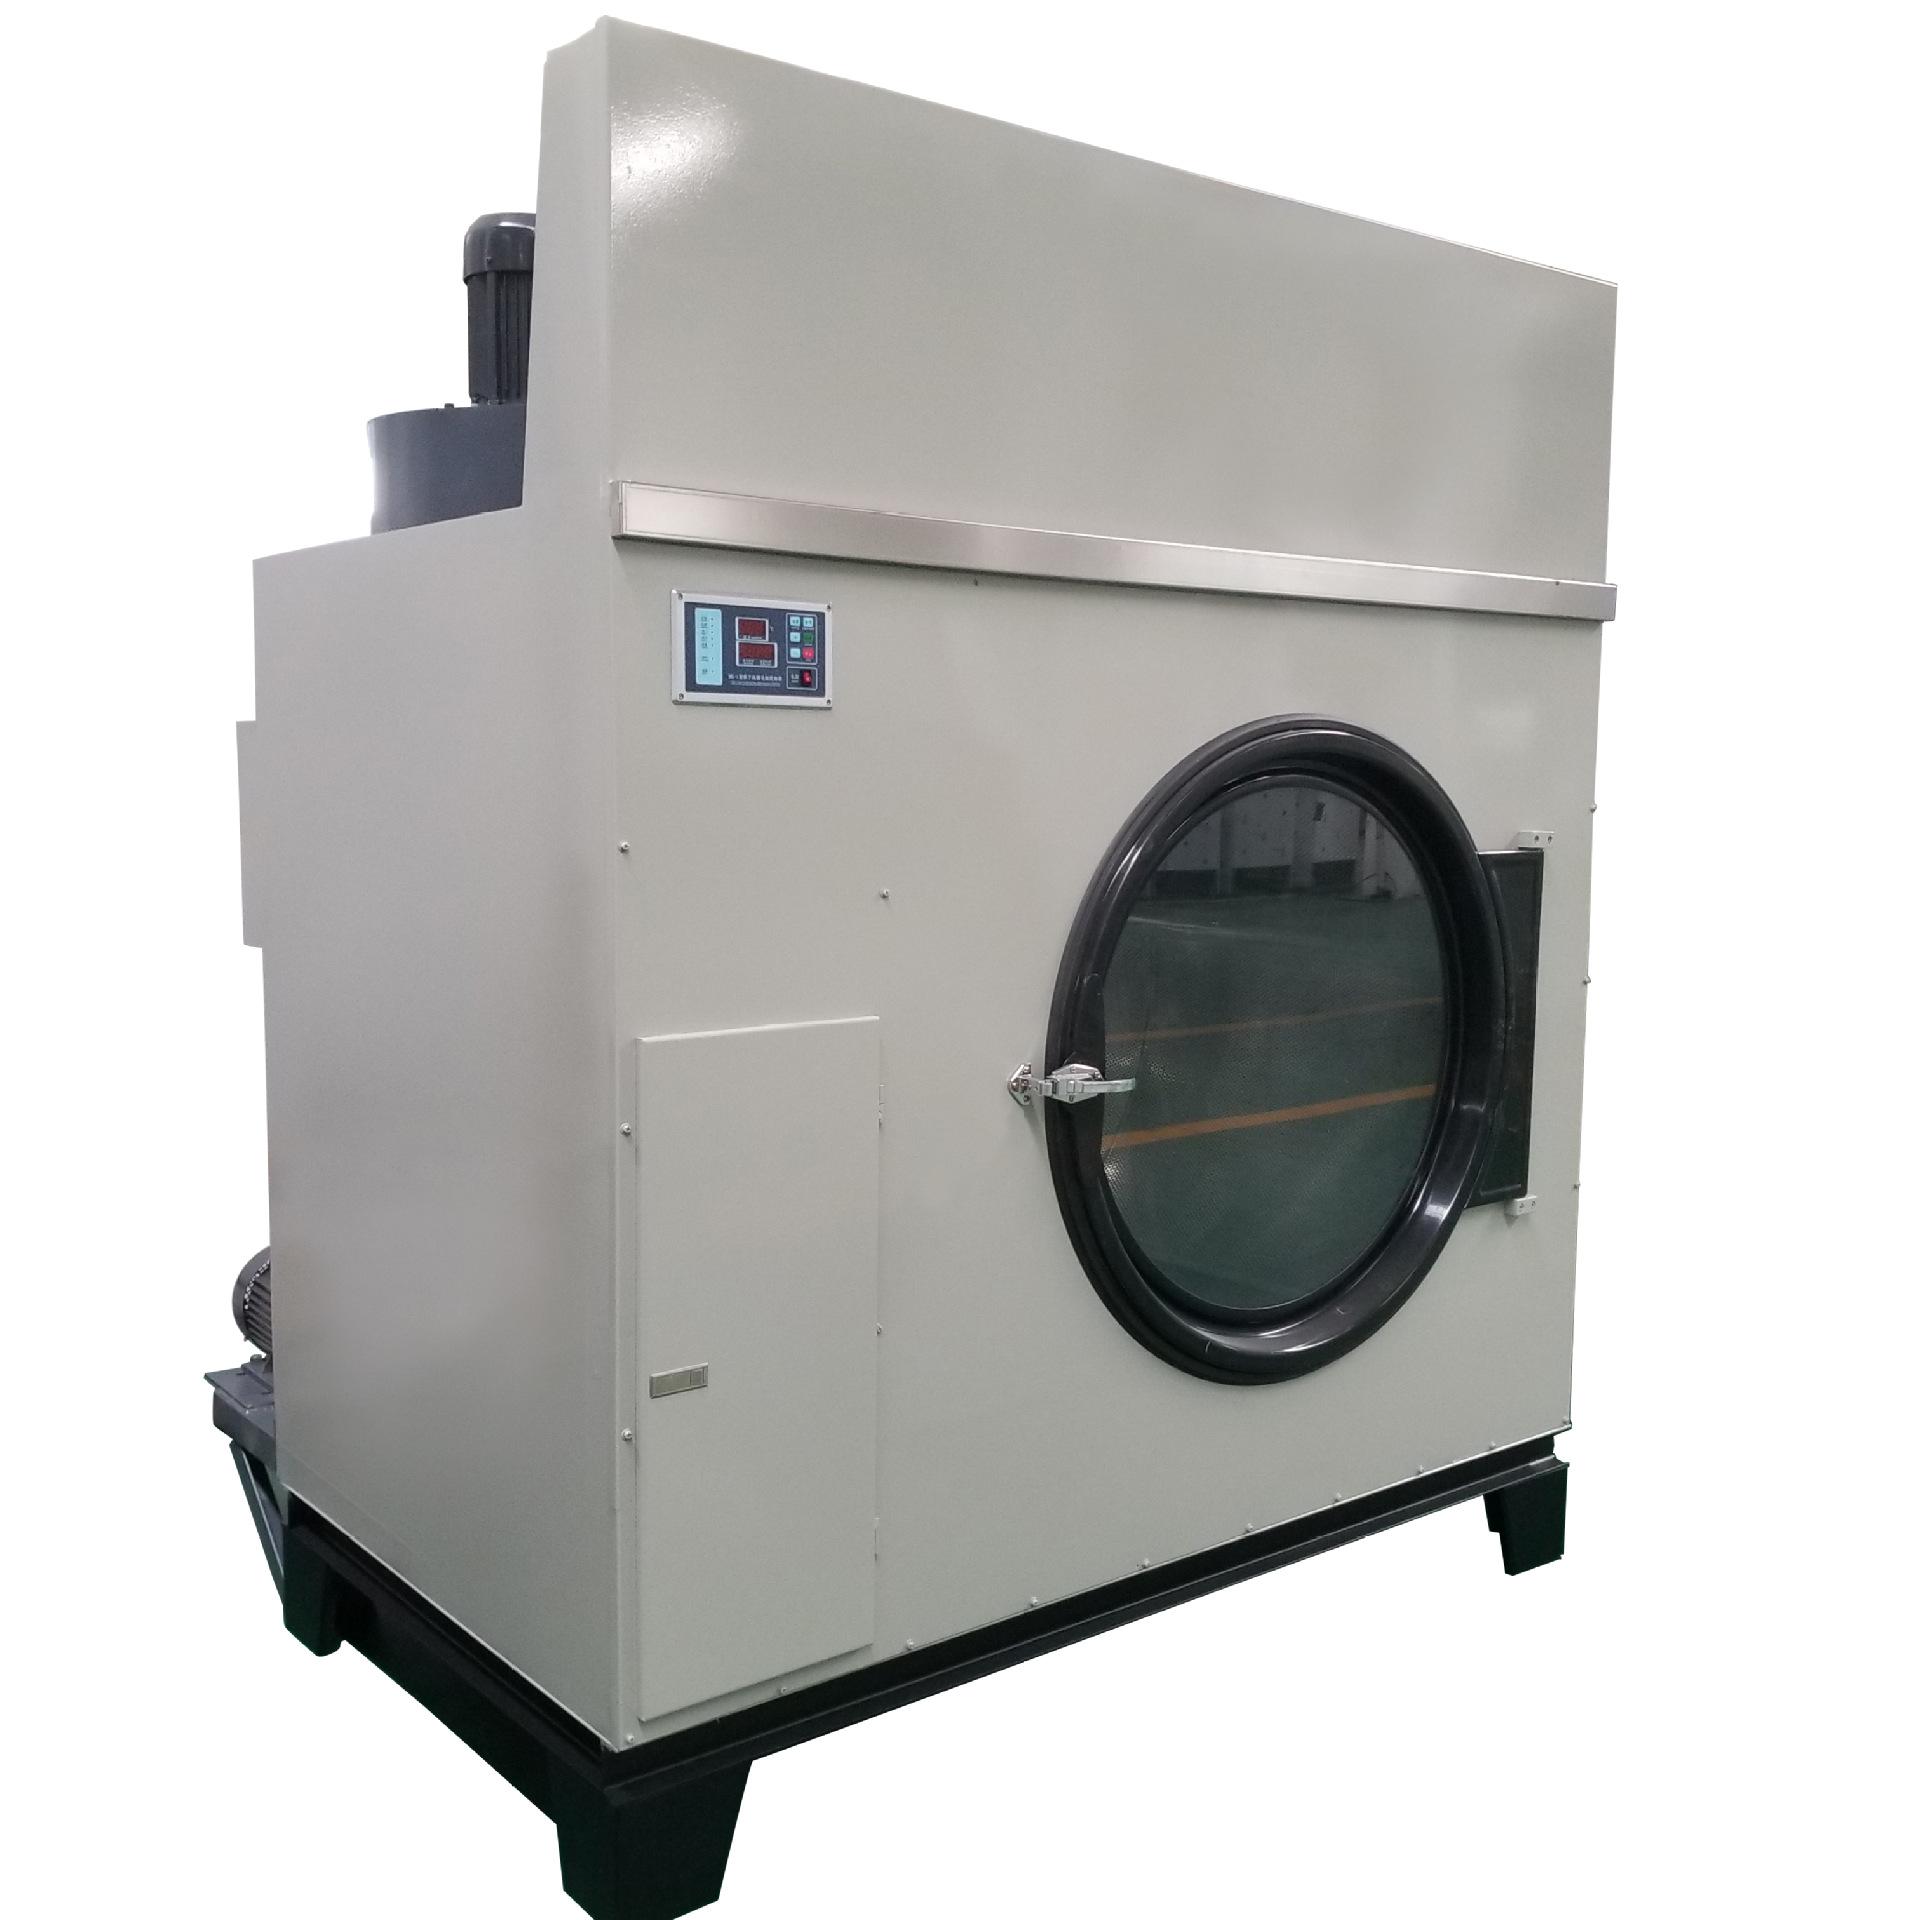 Máy giặt và thiết bị sấy khăn từ 50kg / 100kg